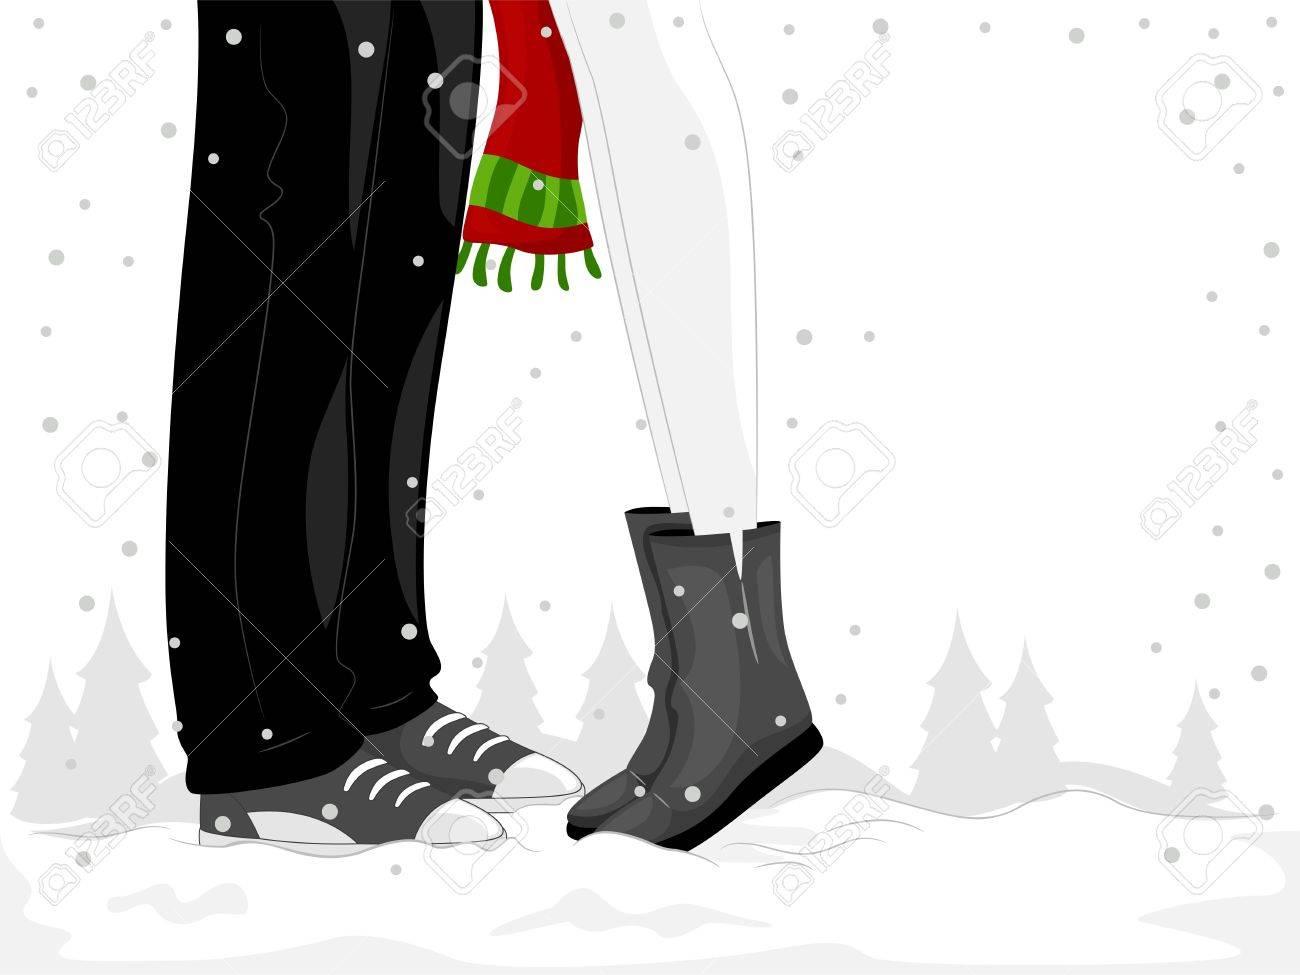 男にキスしている女性とカップルの足のイラスト ロイヤリティーフリー